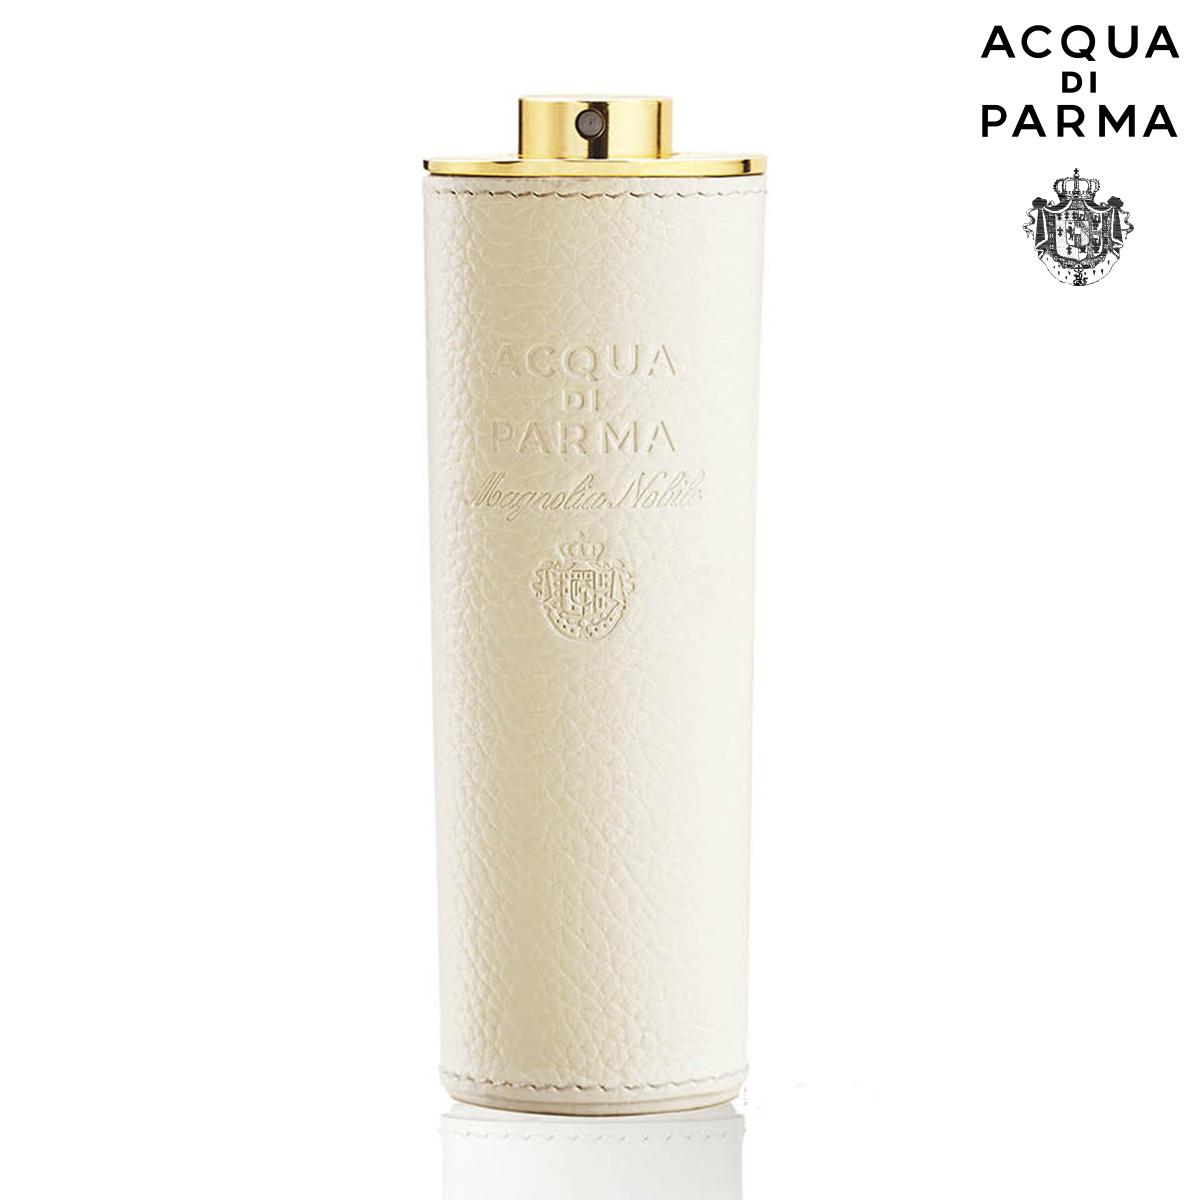 帕爾瑪之水 Acqua di Parma 高貴木蘭花淡香精 20ml LV集團香氛【SP嚴選家】。人氣店家Select Plus的----- 【熱門促銷】-----有最棒的商品。快到日本NO.1的Ra